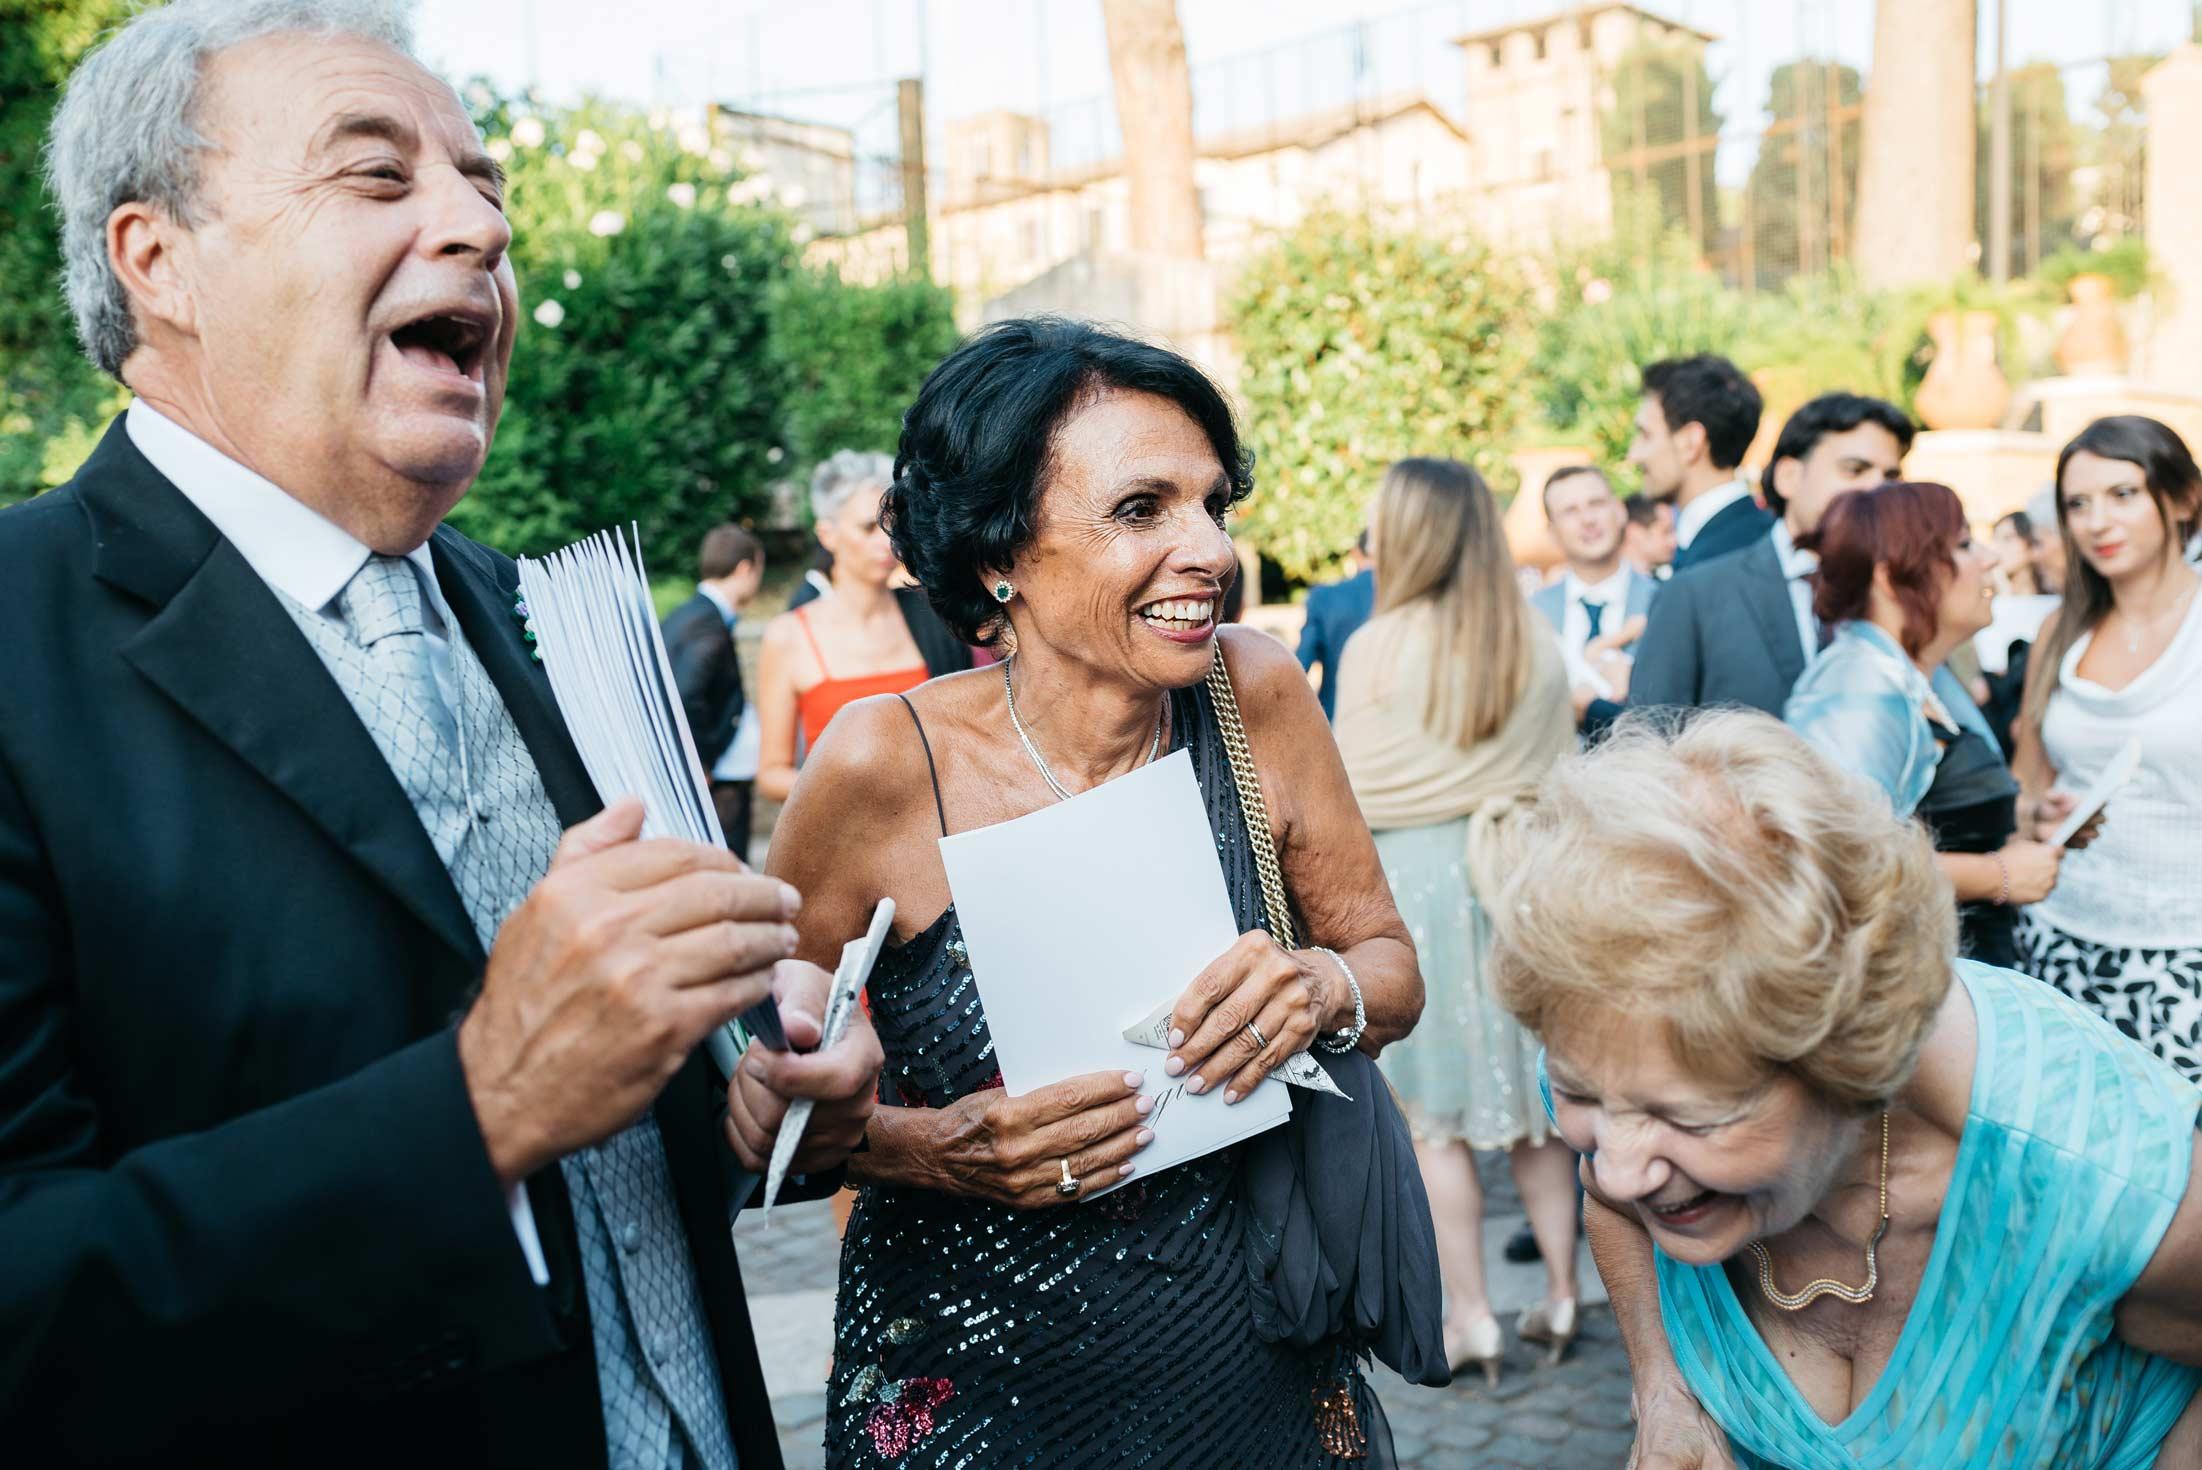 Reportage-Wedding-Photographer-Rome-2-Ceremony